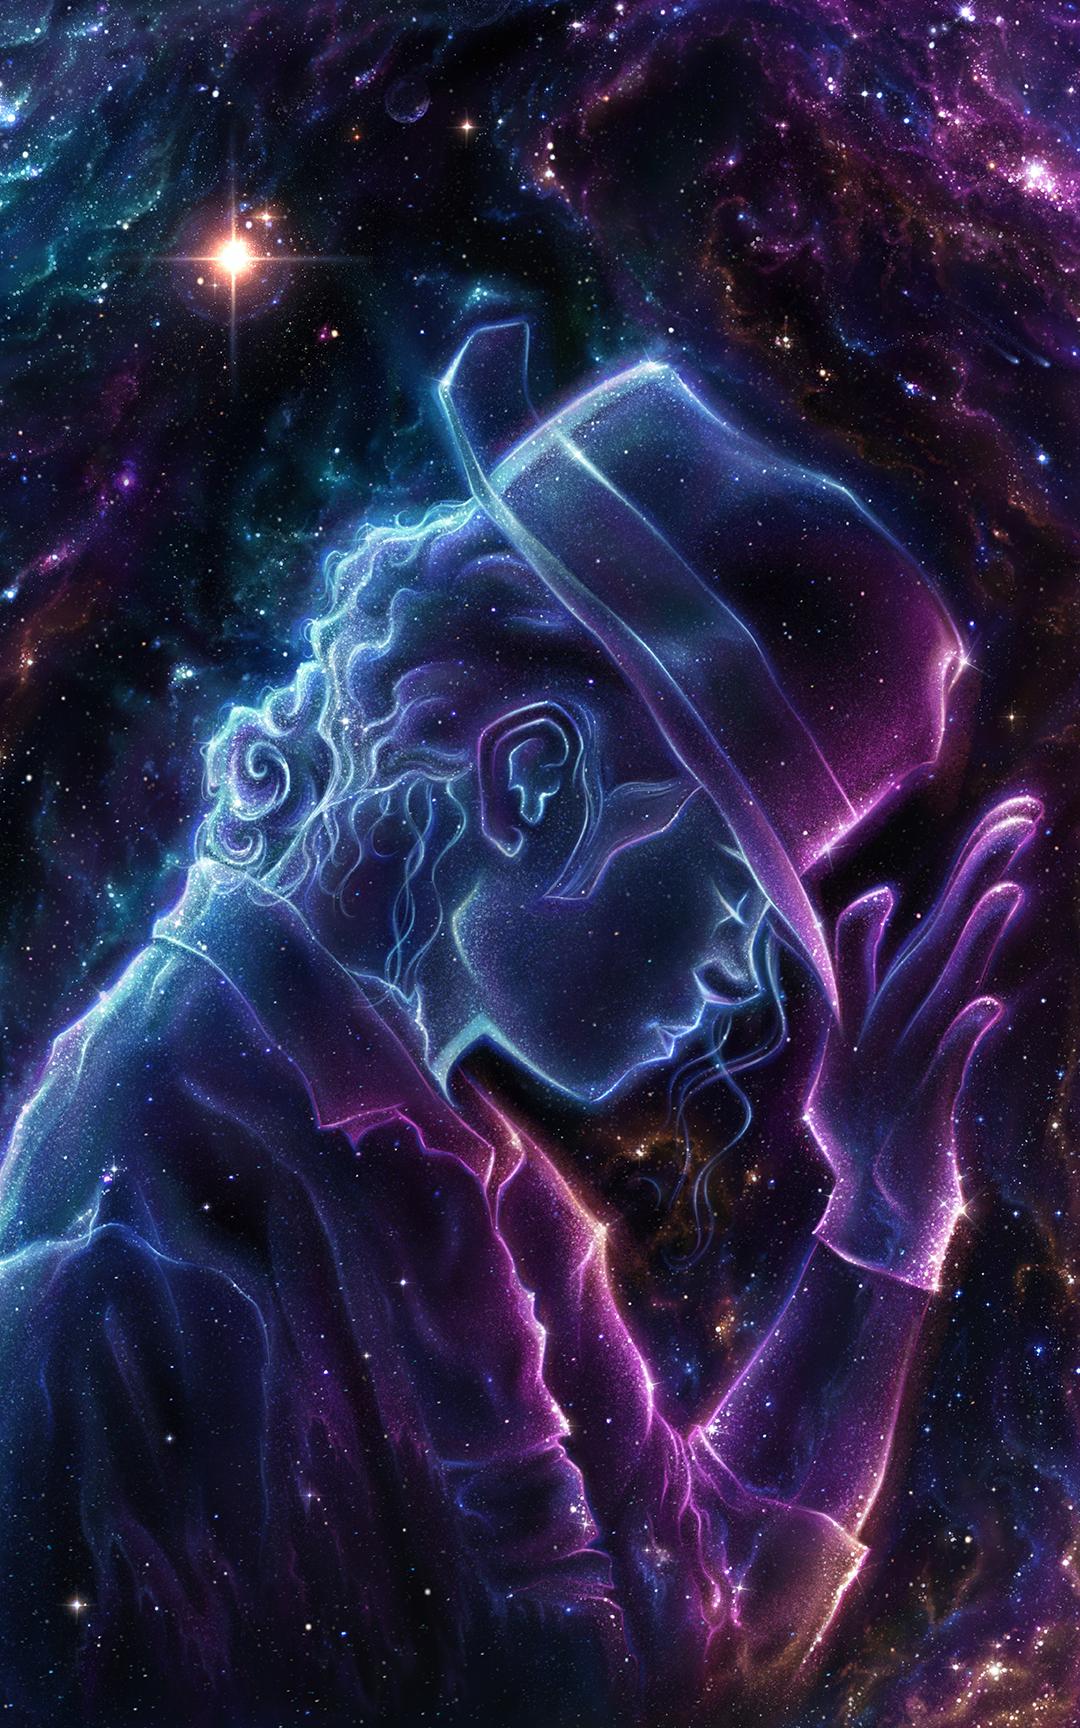 Michael Jackson fan art portrait art celebrity space art universe fantasy art king of pop 1523283